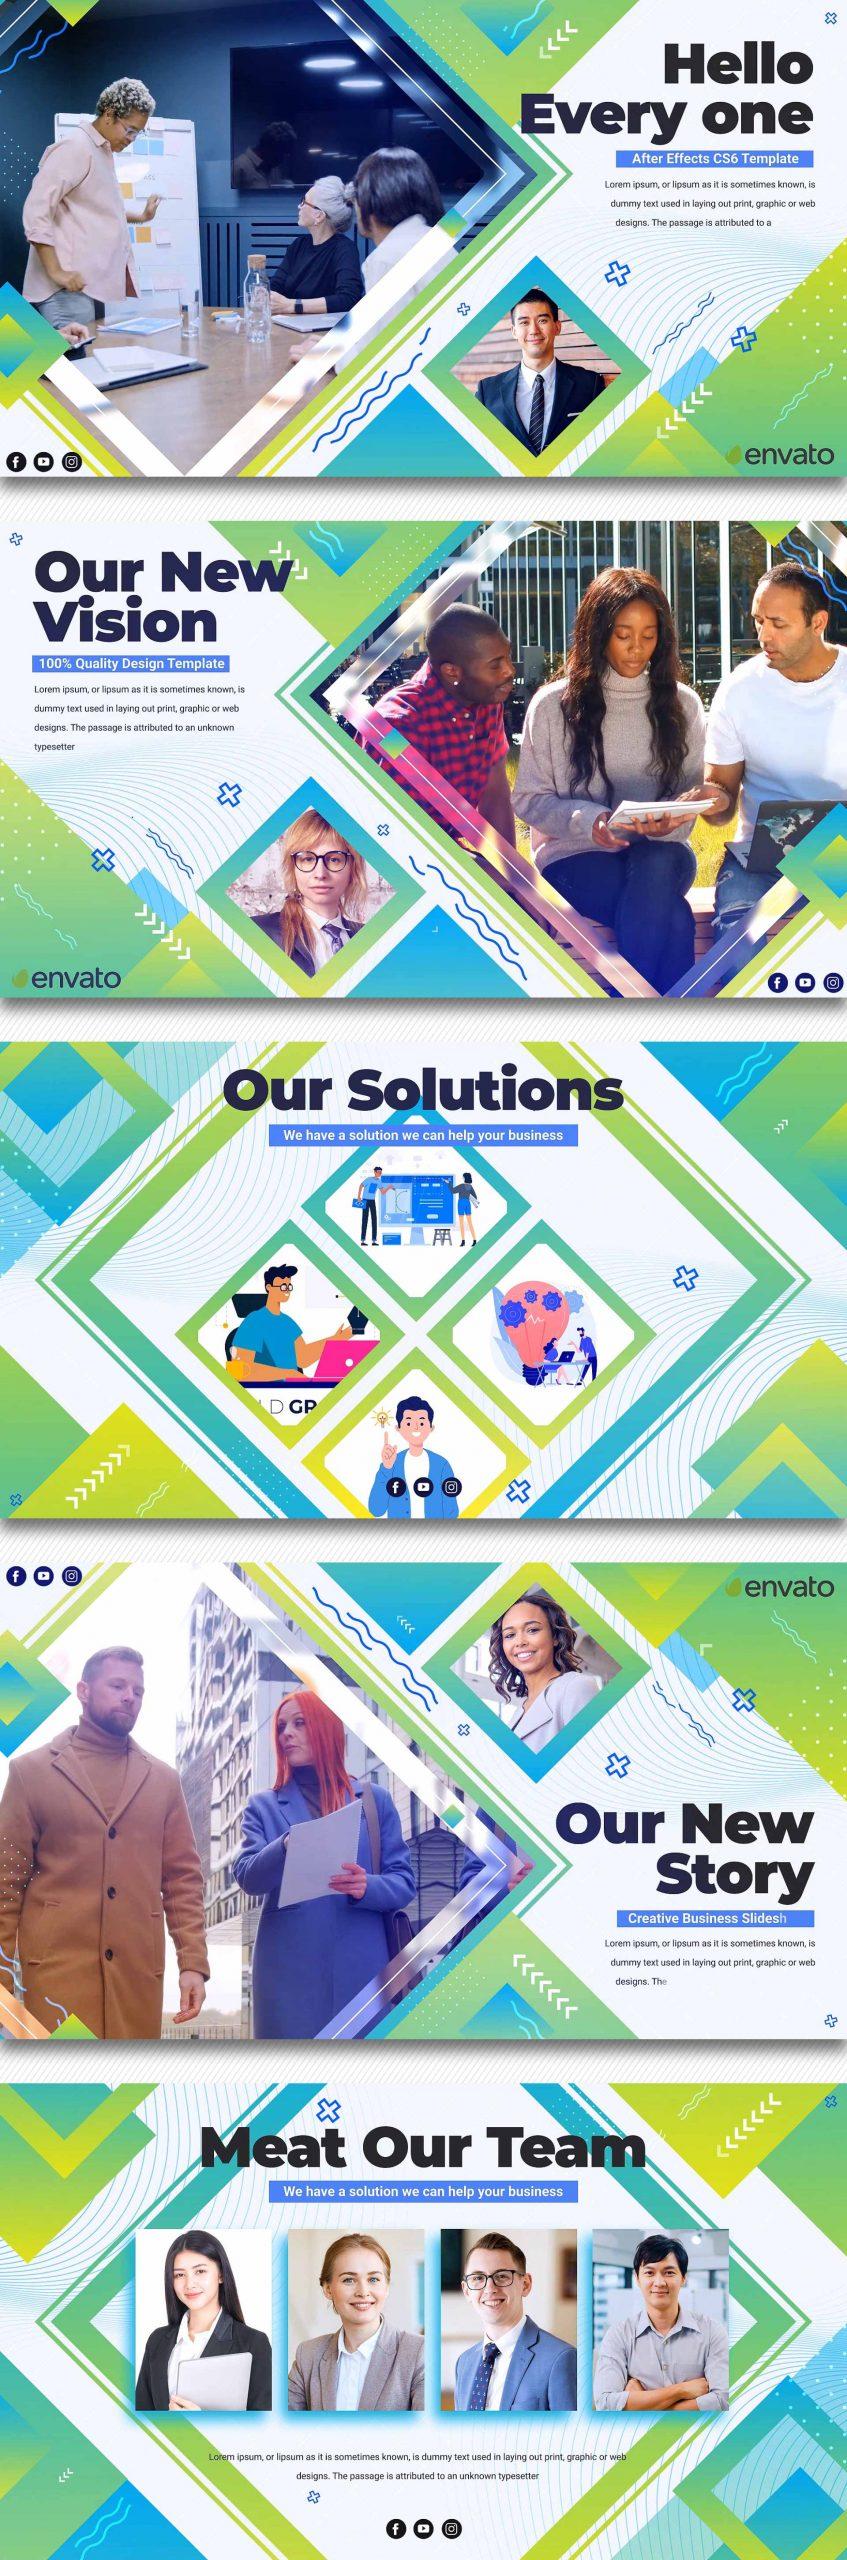 پروژه آماده افترافکت معرفی شرکت